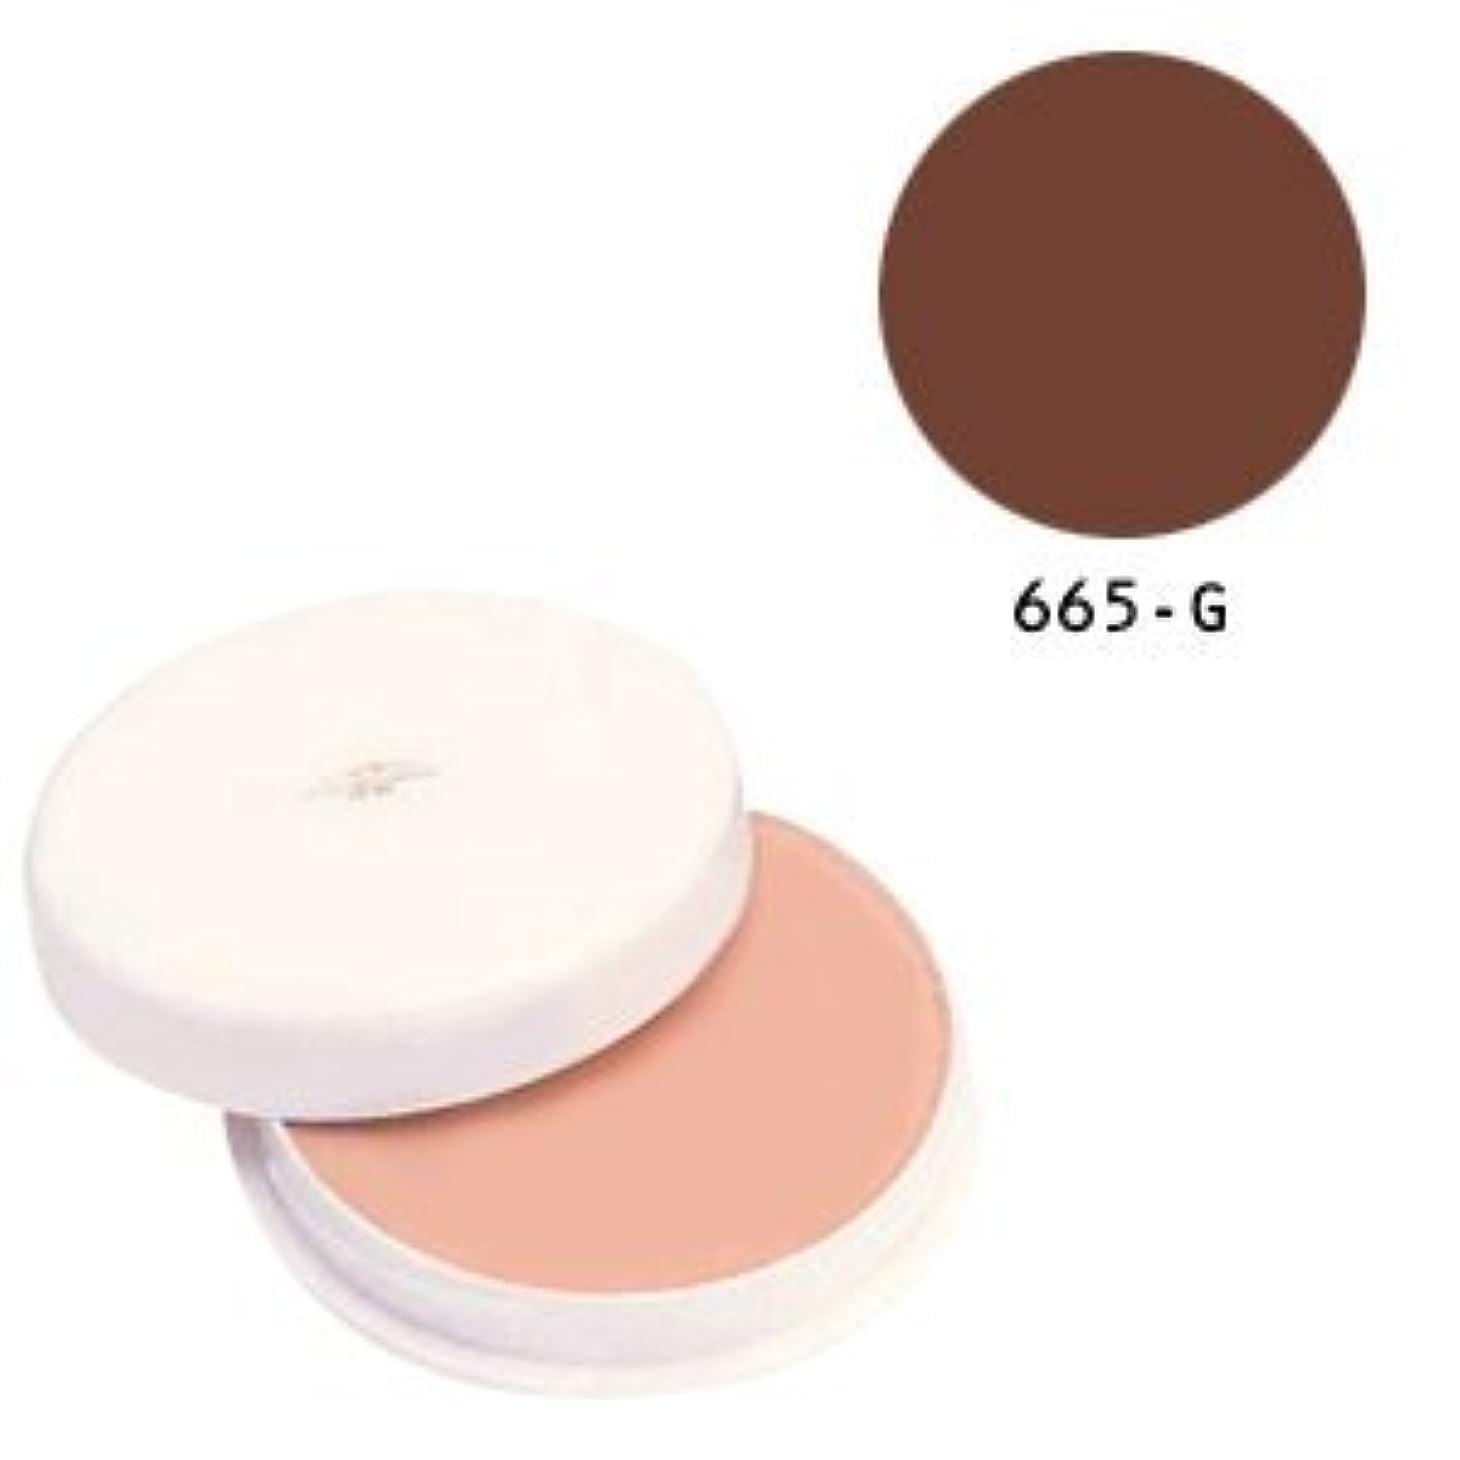 野心的いつも磁気三善 フェースケーキ ファンデーション コスプレメイク ハロウィンメイク 舞台メイク 665-G #カラー:ブラウン系 (C)